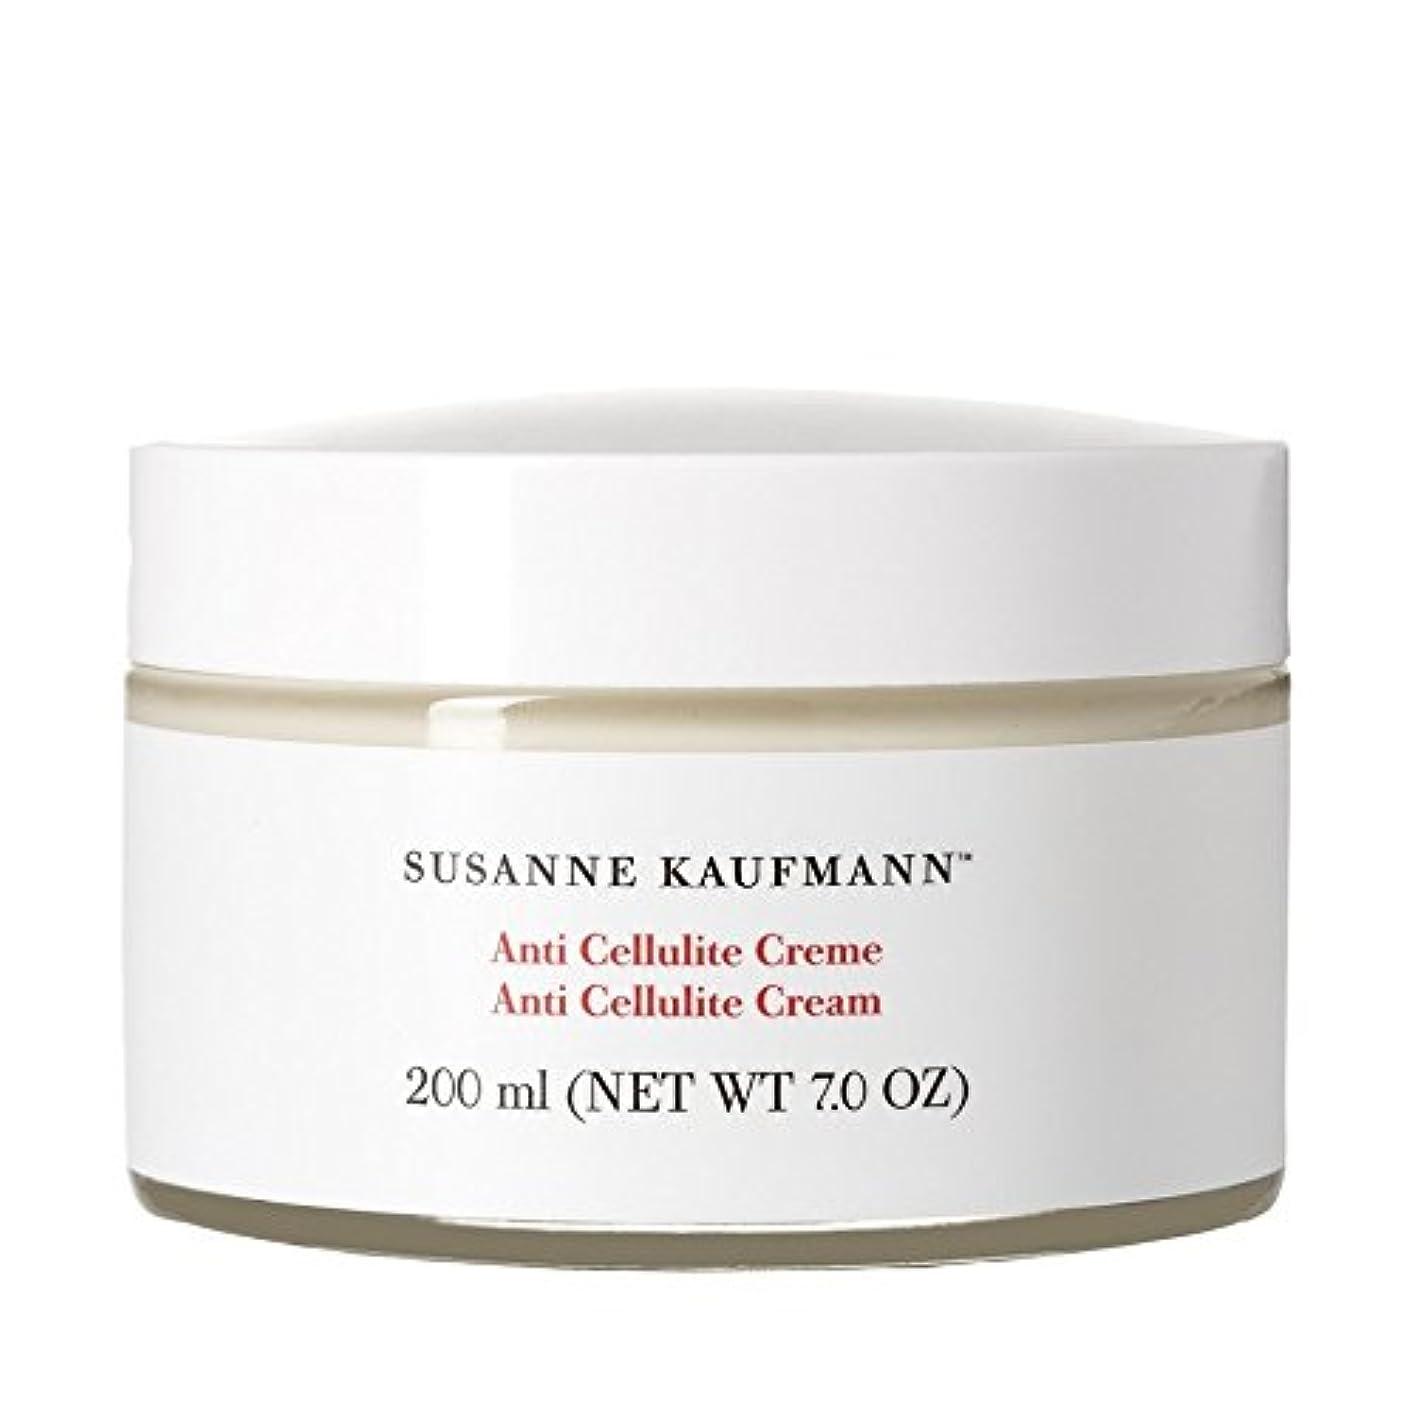 怖がって死ぬ依存する甘美なスザンヌカウフマン抗セルライトクリーム200ミリリットル x2 - Susanne Kaufmann Anti Cellulite Cream 200ml (Pack of 2) [並行輸入品]